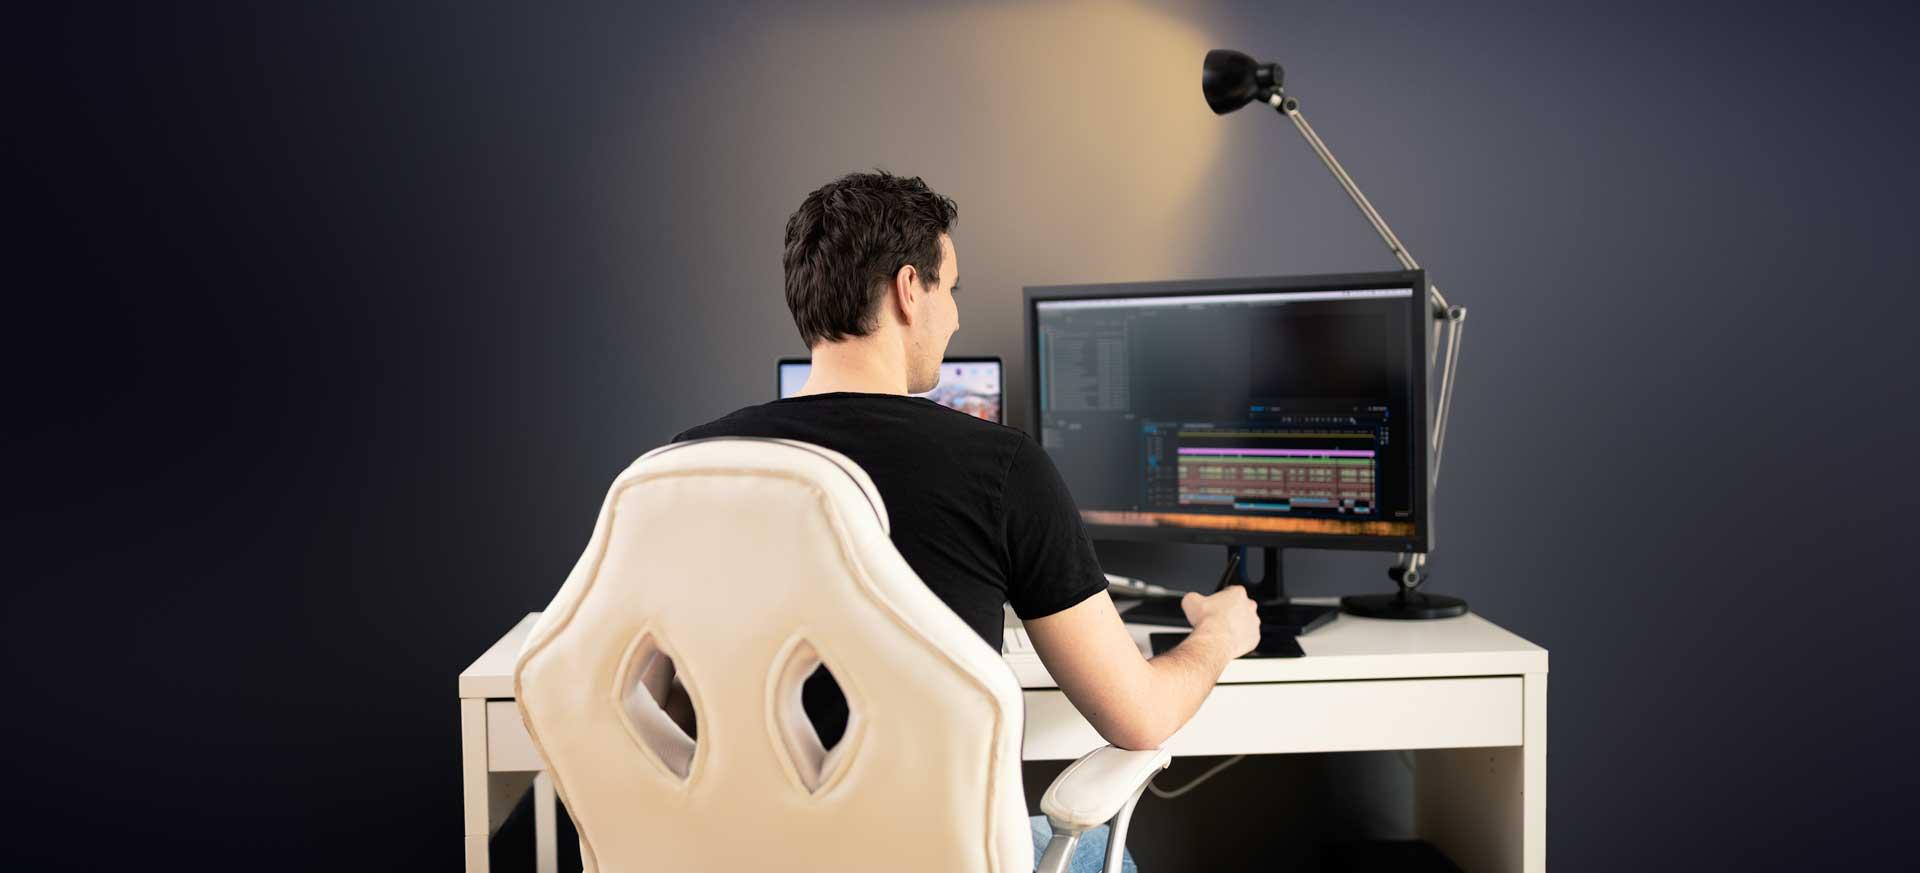 Mattin Ott - Videoschnitt Cutter